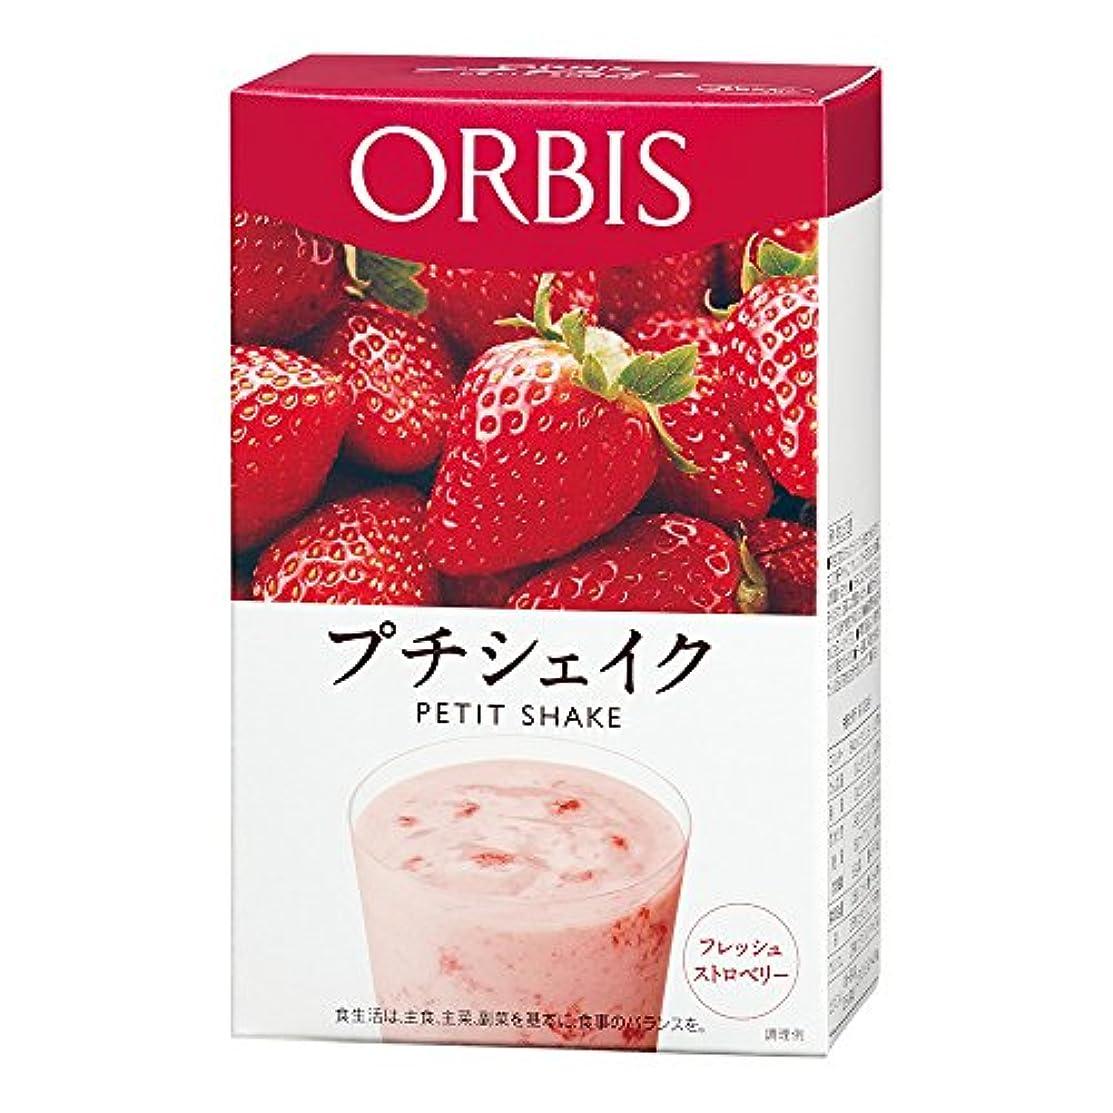 約束するモネ主張オルビス(ORBIS) プチシェイク フレッシュストロベリー 100g×7食分 ◎ダイエットドリンク?スムージー◎ 1食分153kcal